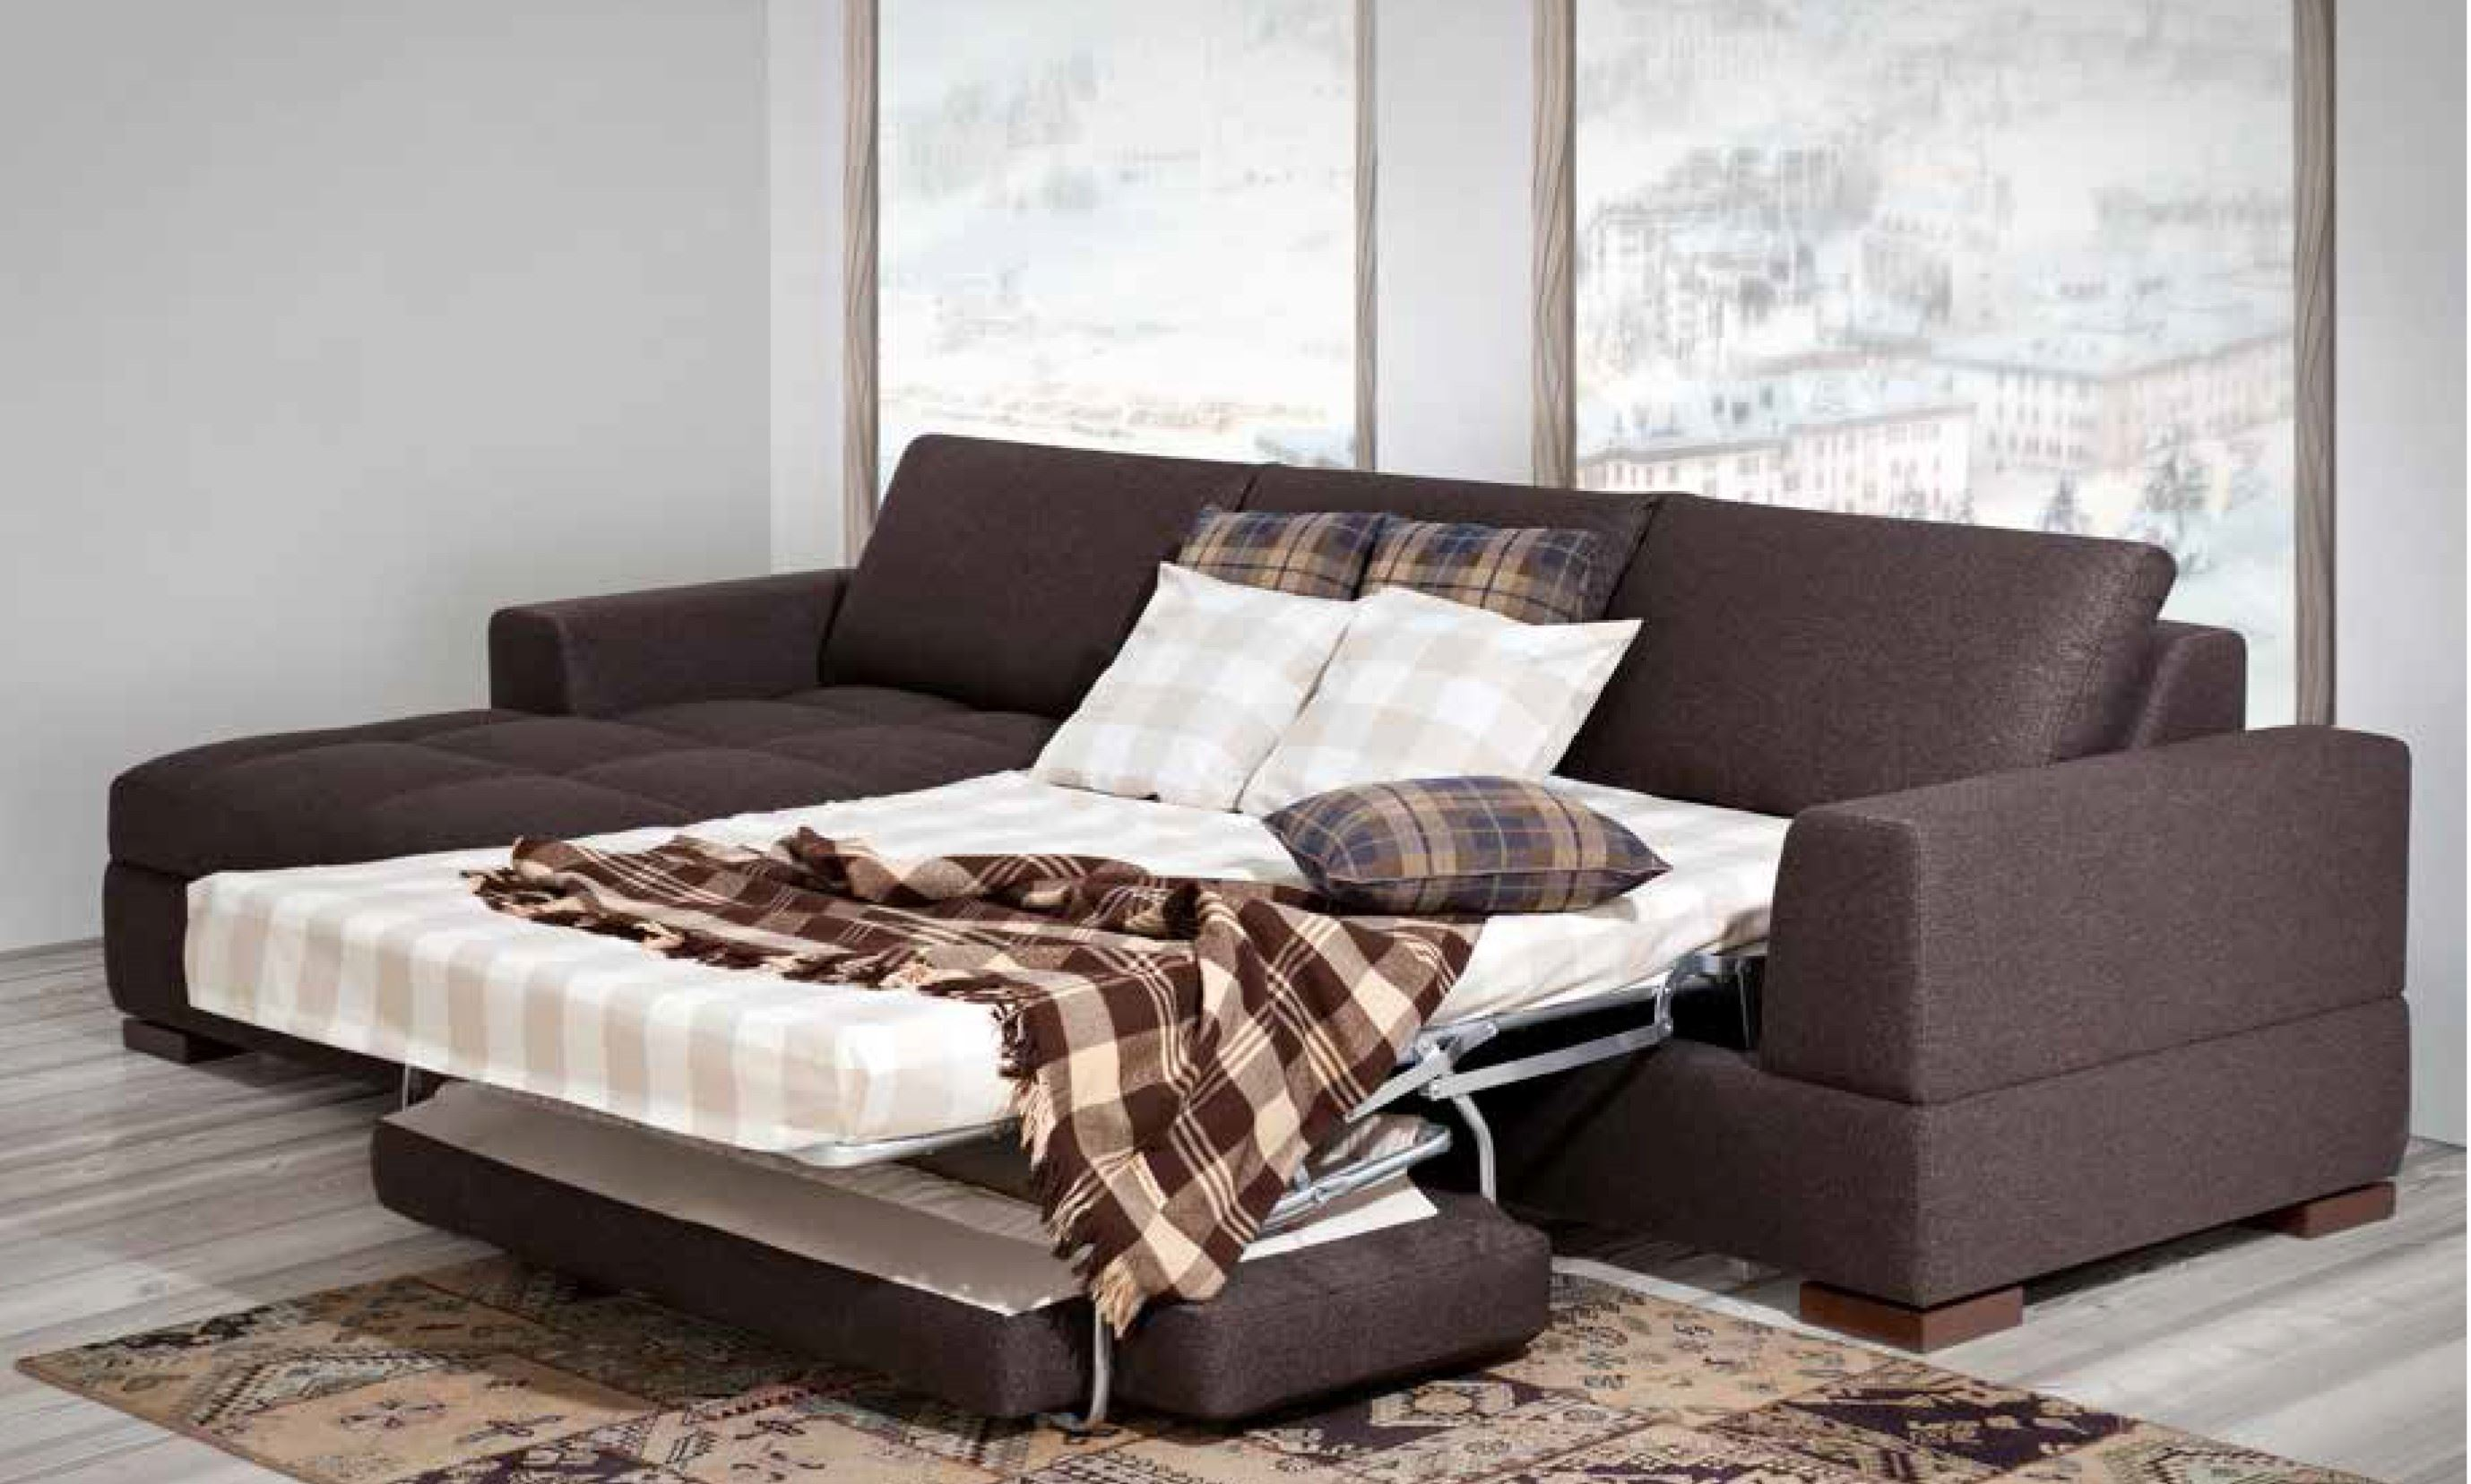 Модульный диван со спальным местом (11)